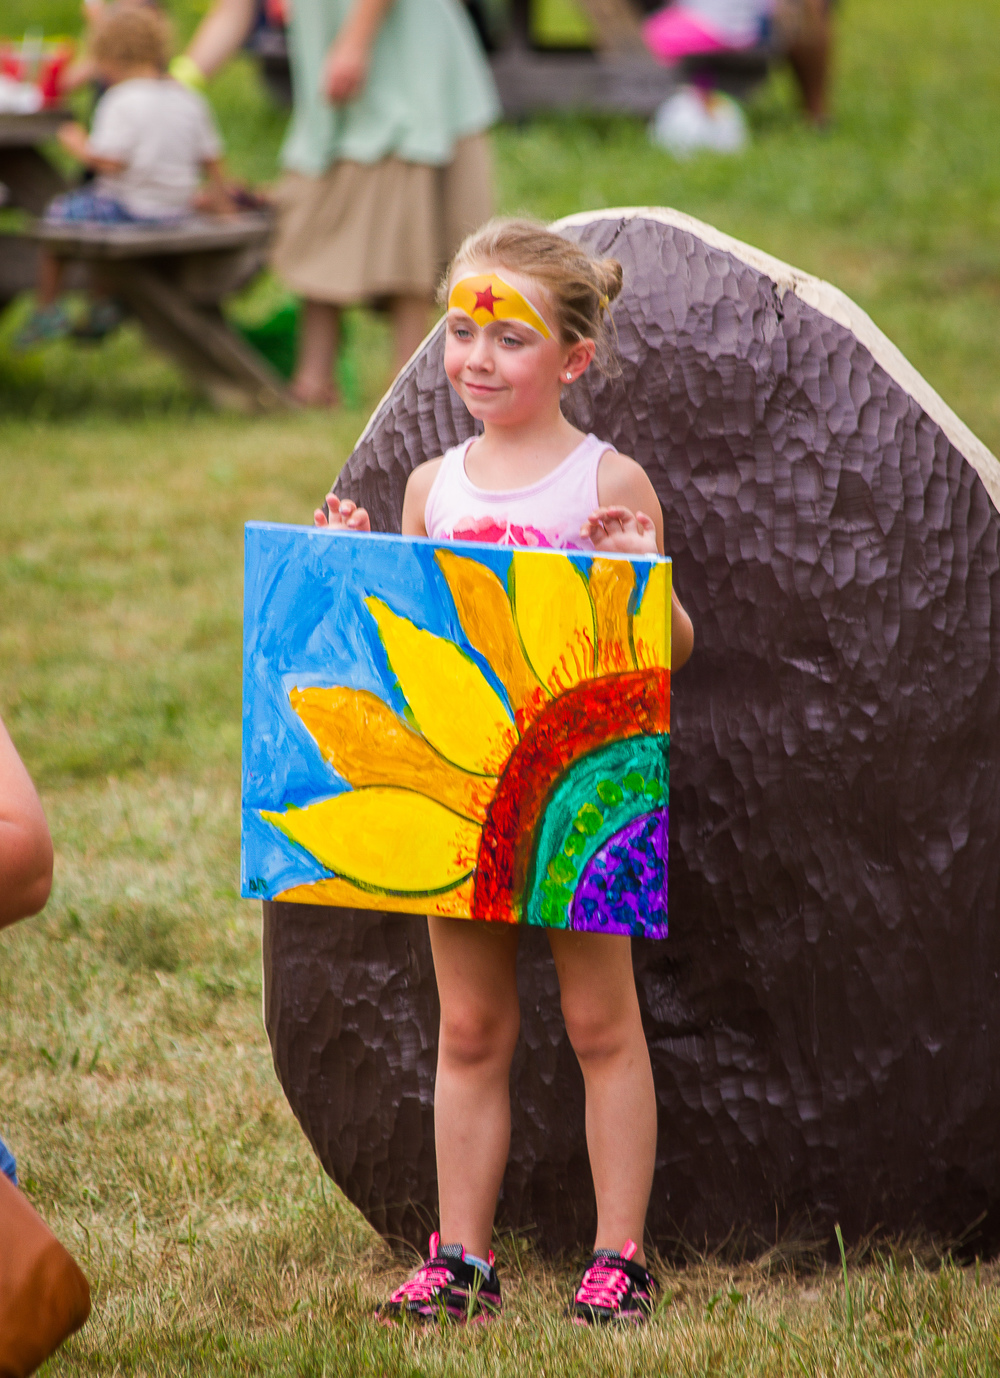 Sunflower_Art_Fest_CodyBuesing-111.jpg